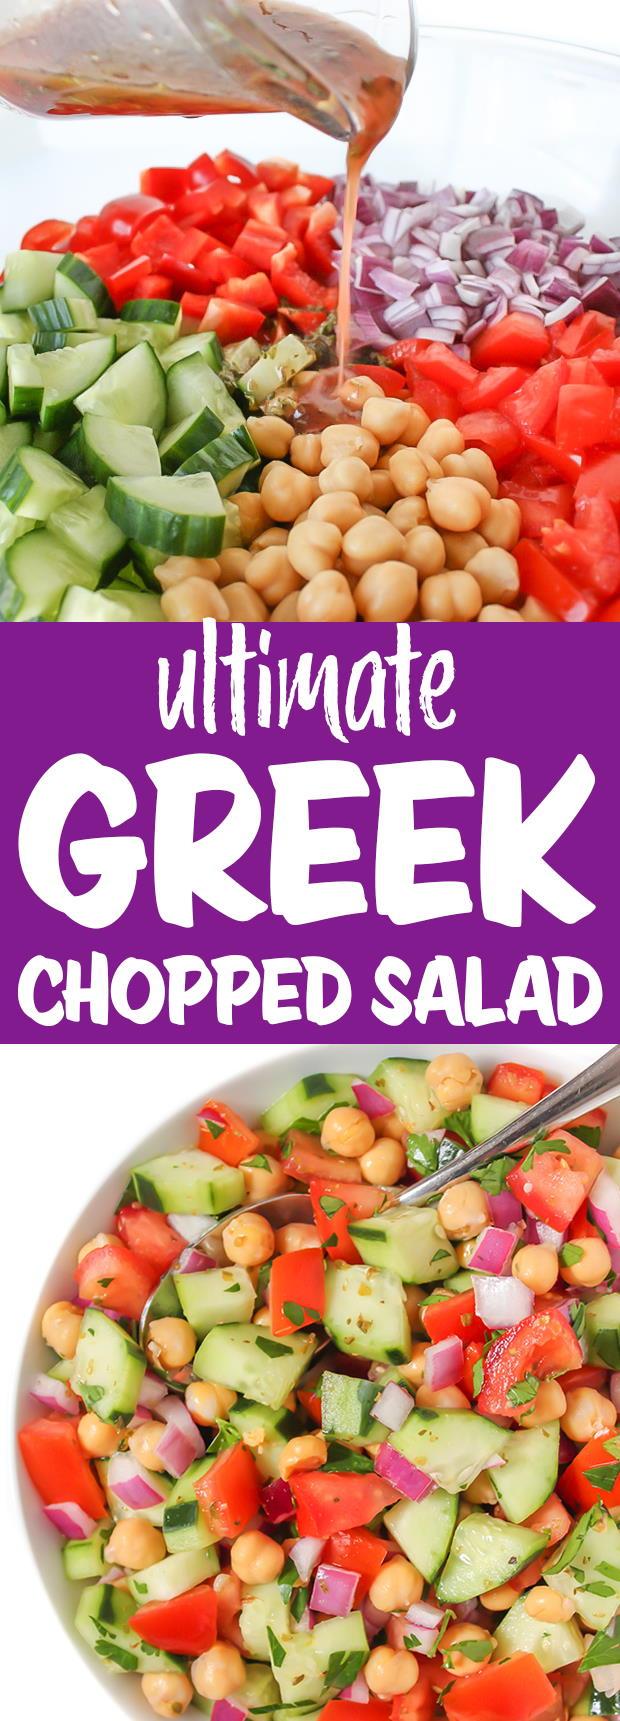 Vegan Greek Chopped Salad photo collage